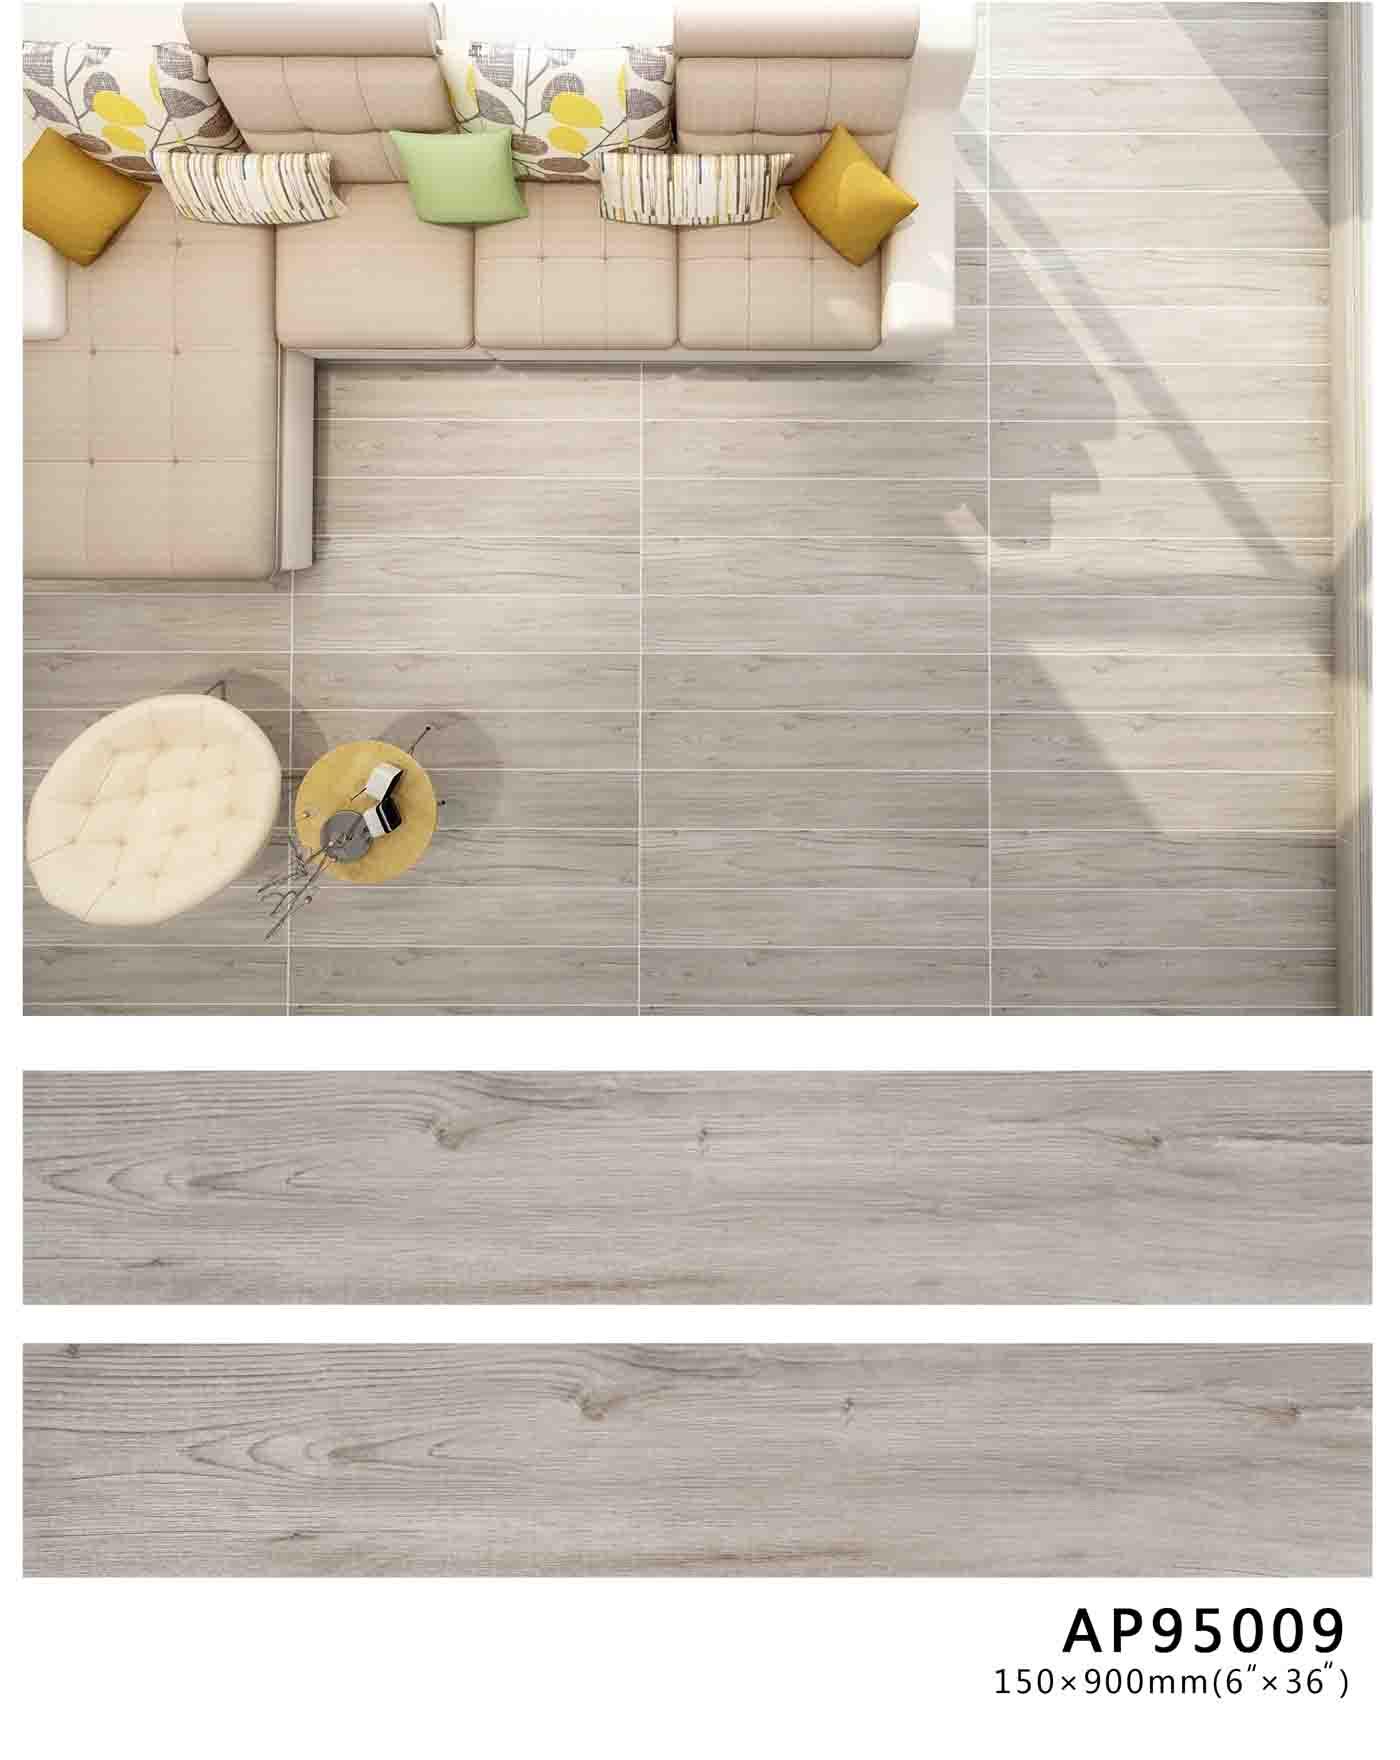 玉金山厨房木纹瓷砖-木纹砖厂家-江苏直边木纹瓷砖厂家直销A